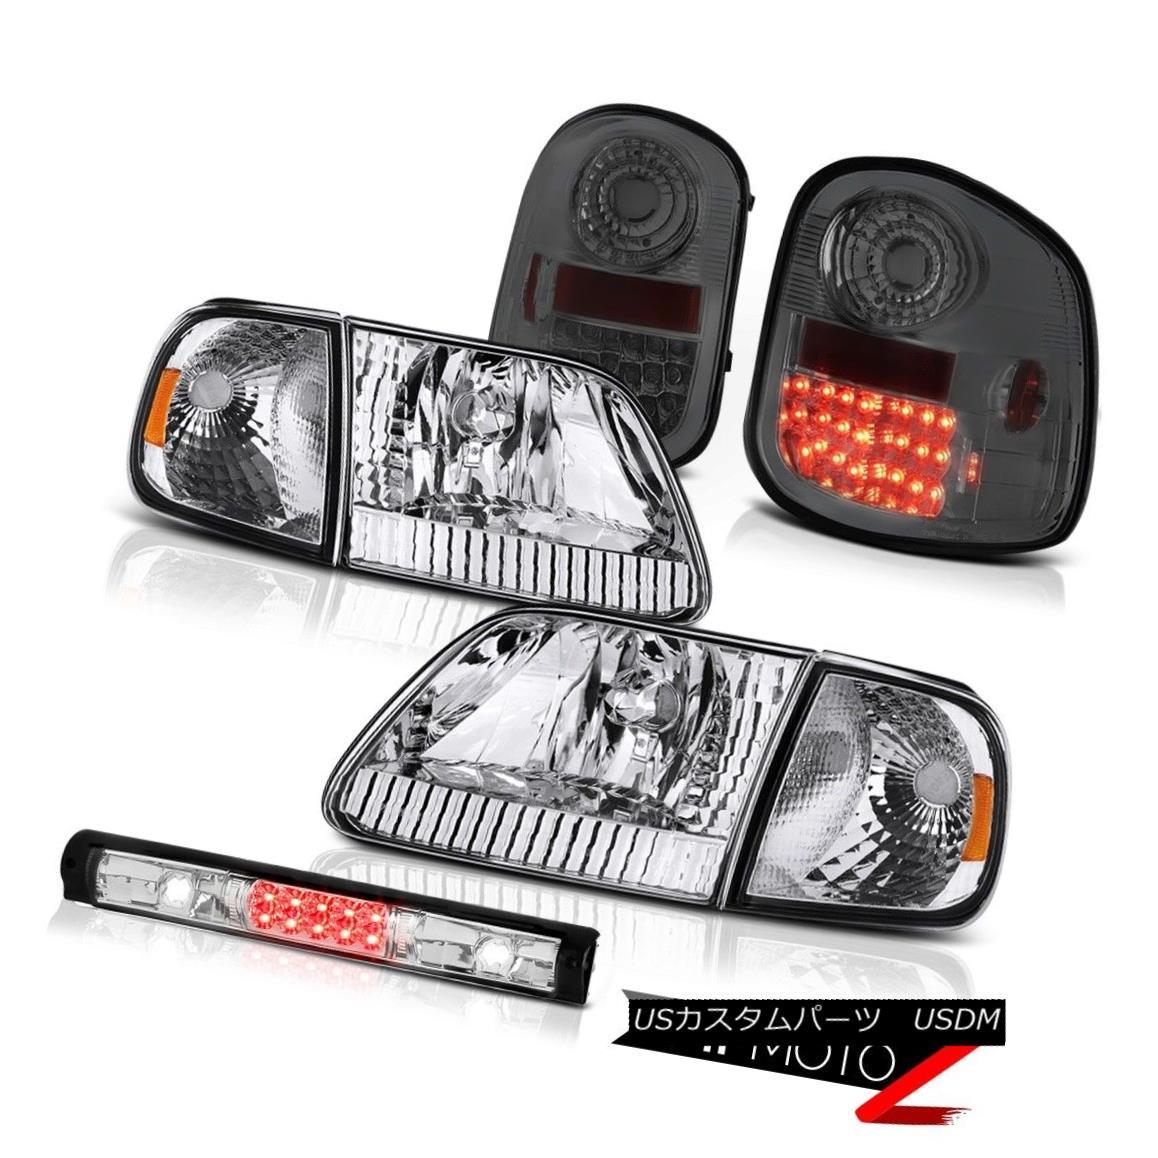 テールライト Signal Headlights L.E.D Tail Lights Smoke Third LED 1997-2003 F150 Flareside XLT シグナルヘッドライトL.E.DテールライトスモークサードLED 1997-2003 F150 Flareside XLT